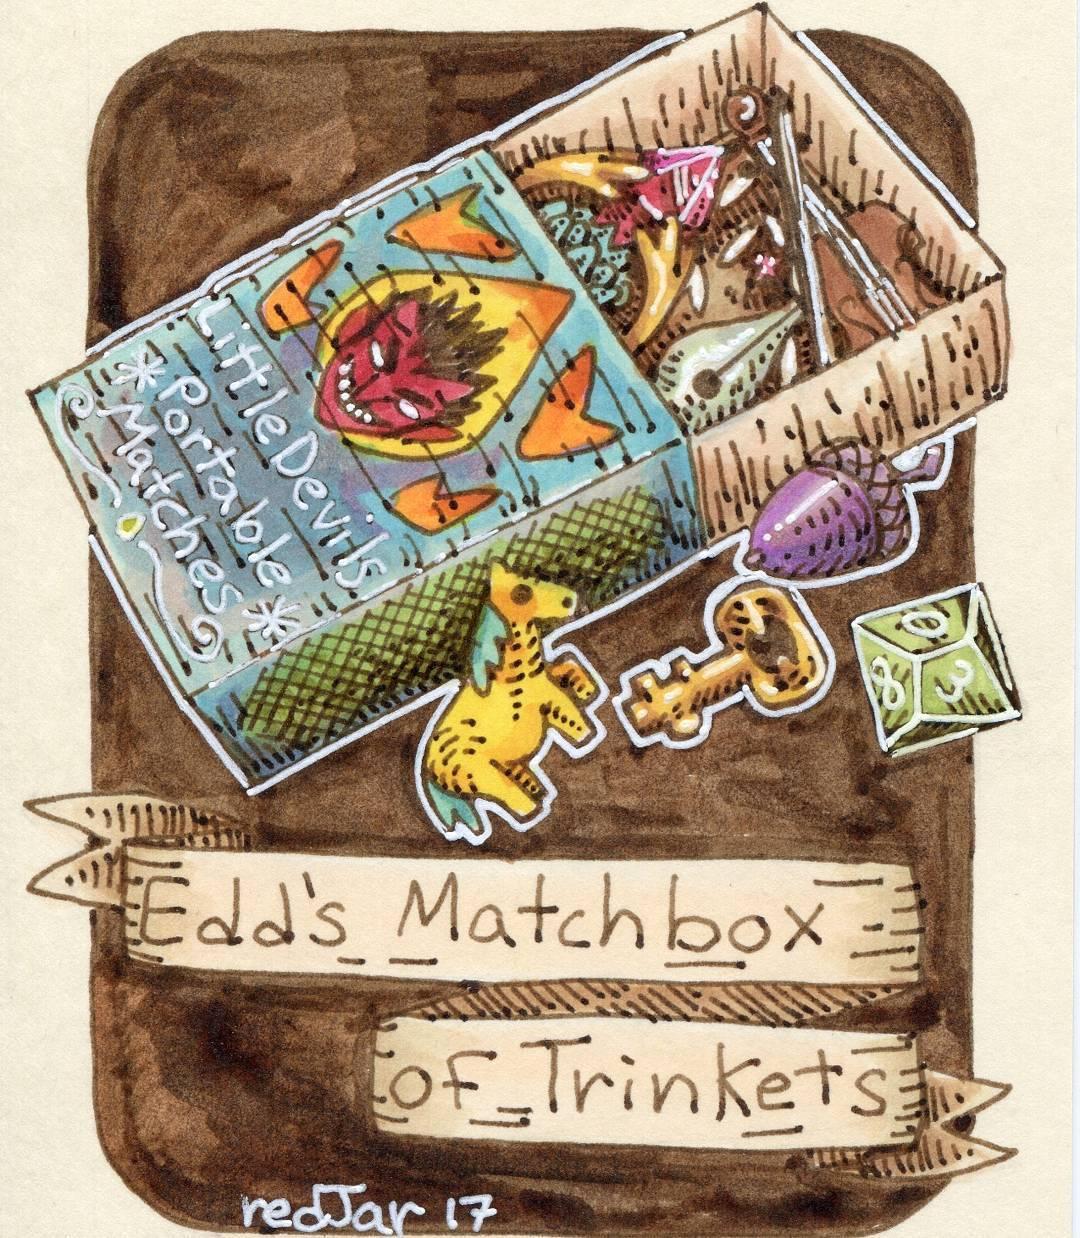 """redjarojam """"Edd's Matchbox of Trinkets"""" - by Jared DeCosta (redjarojam) www.instagram.com/redjarojam (2017-04) © dell'autore tutti i diritti riservati"""